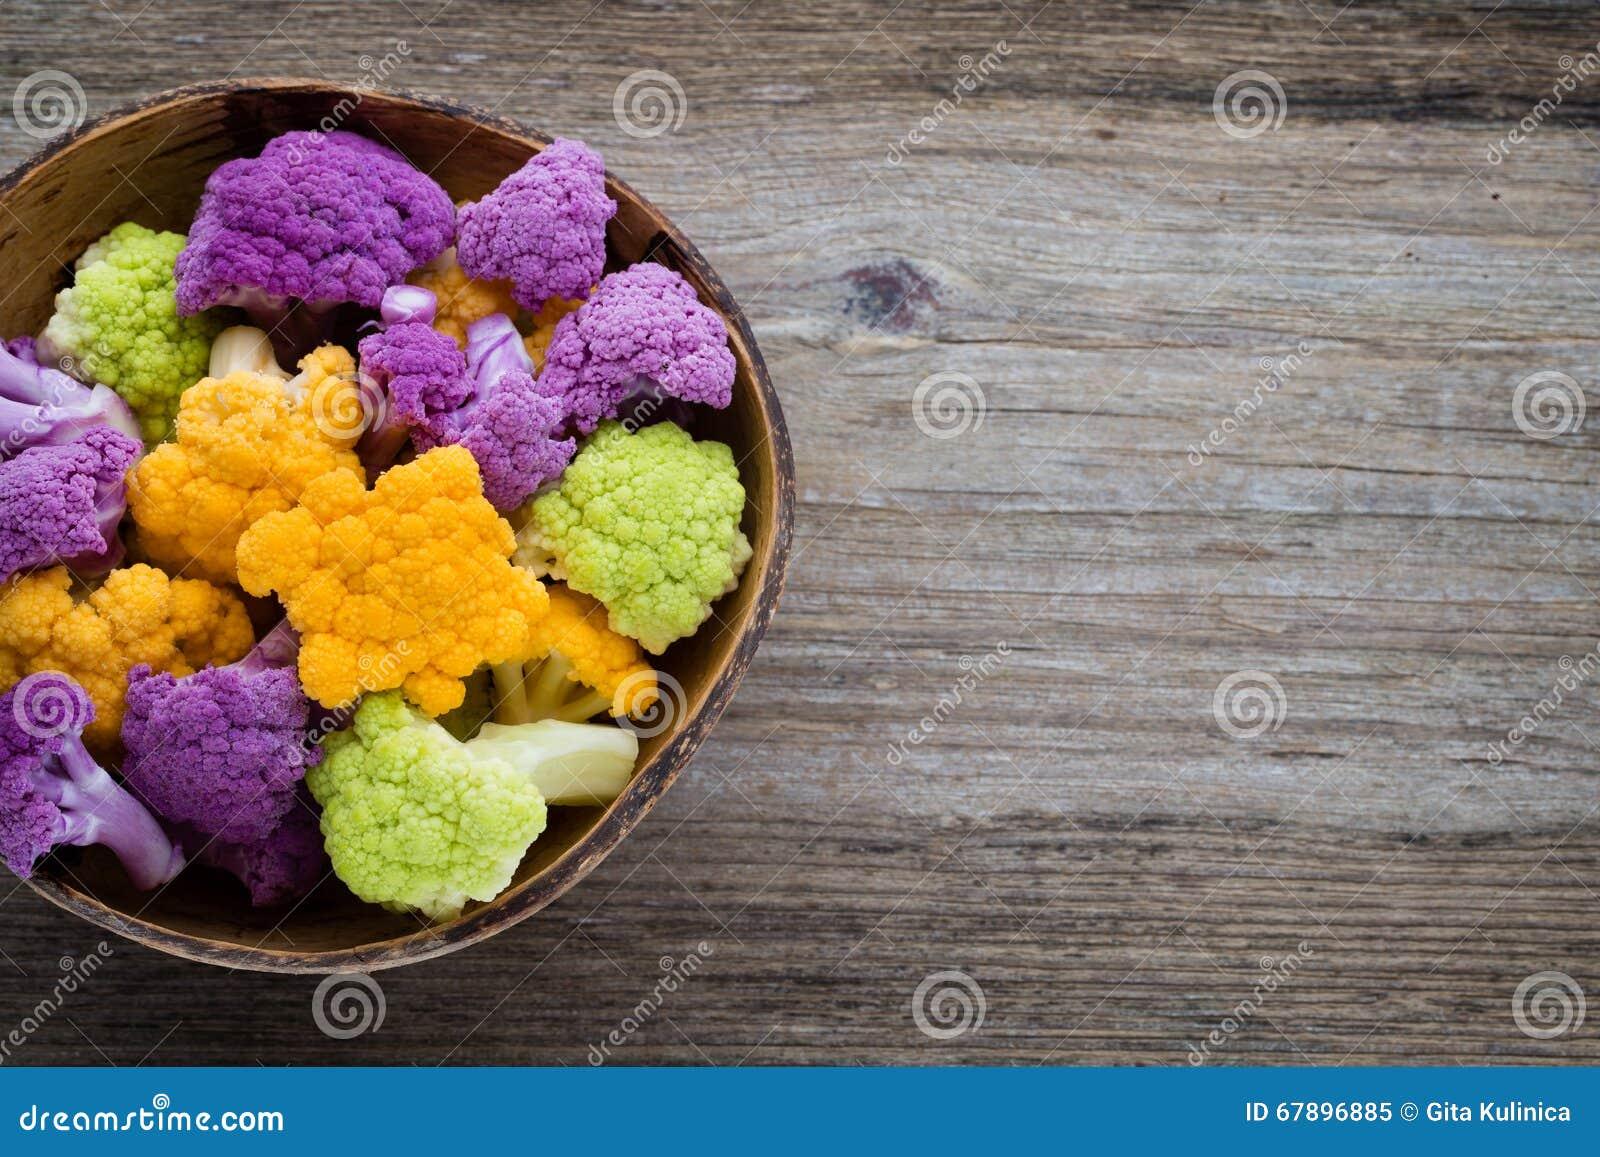 花椰菜 eco彩虹在木桌上的